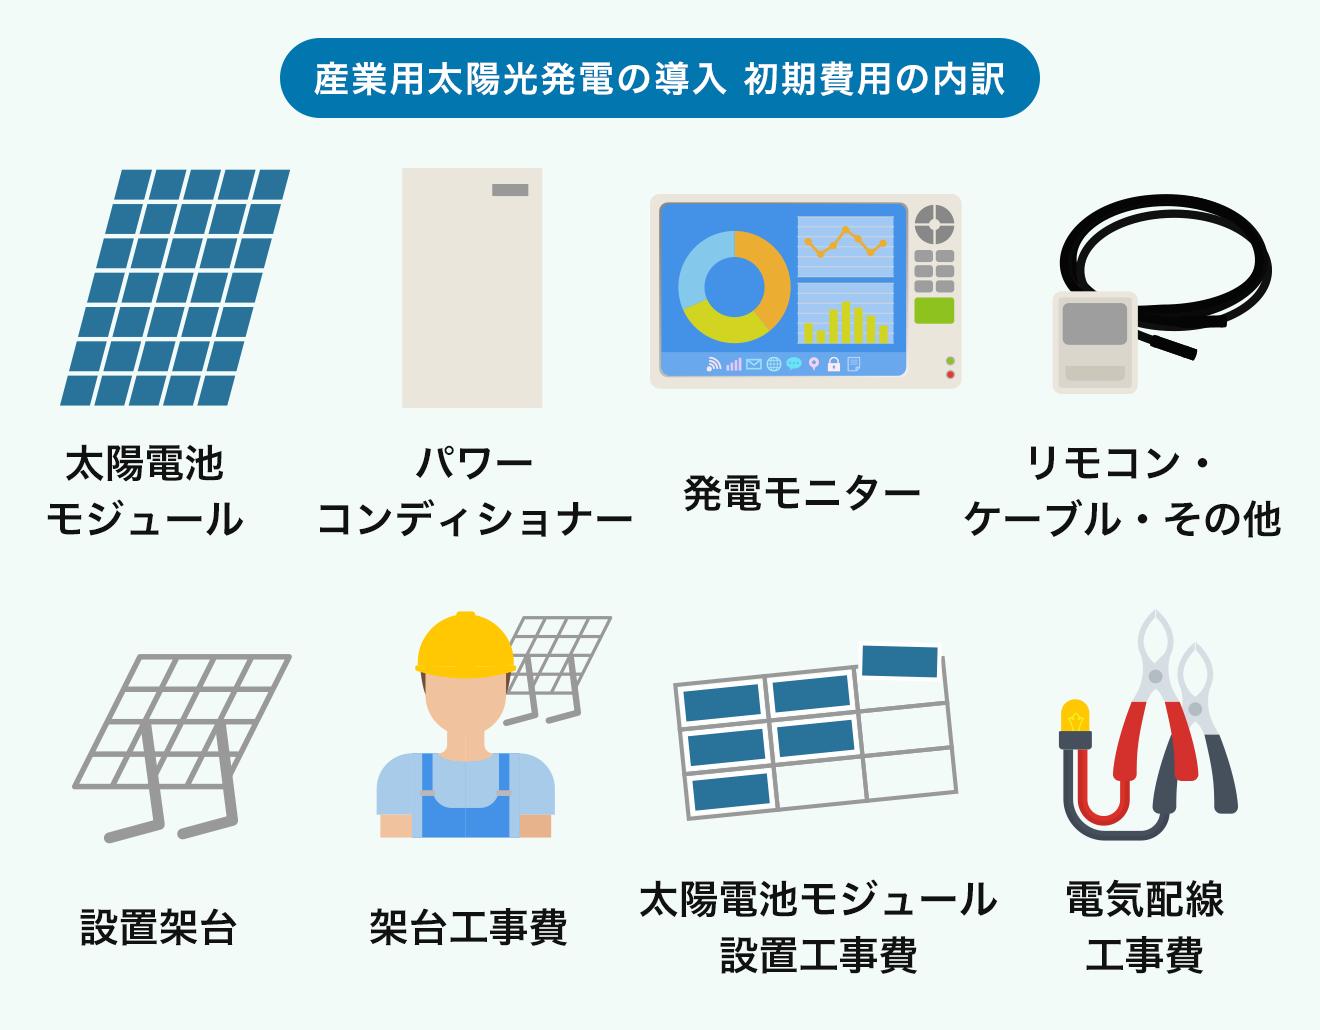 産業用太陽光発電の導入 初期費用の内訳